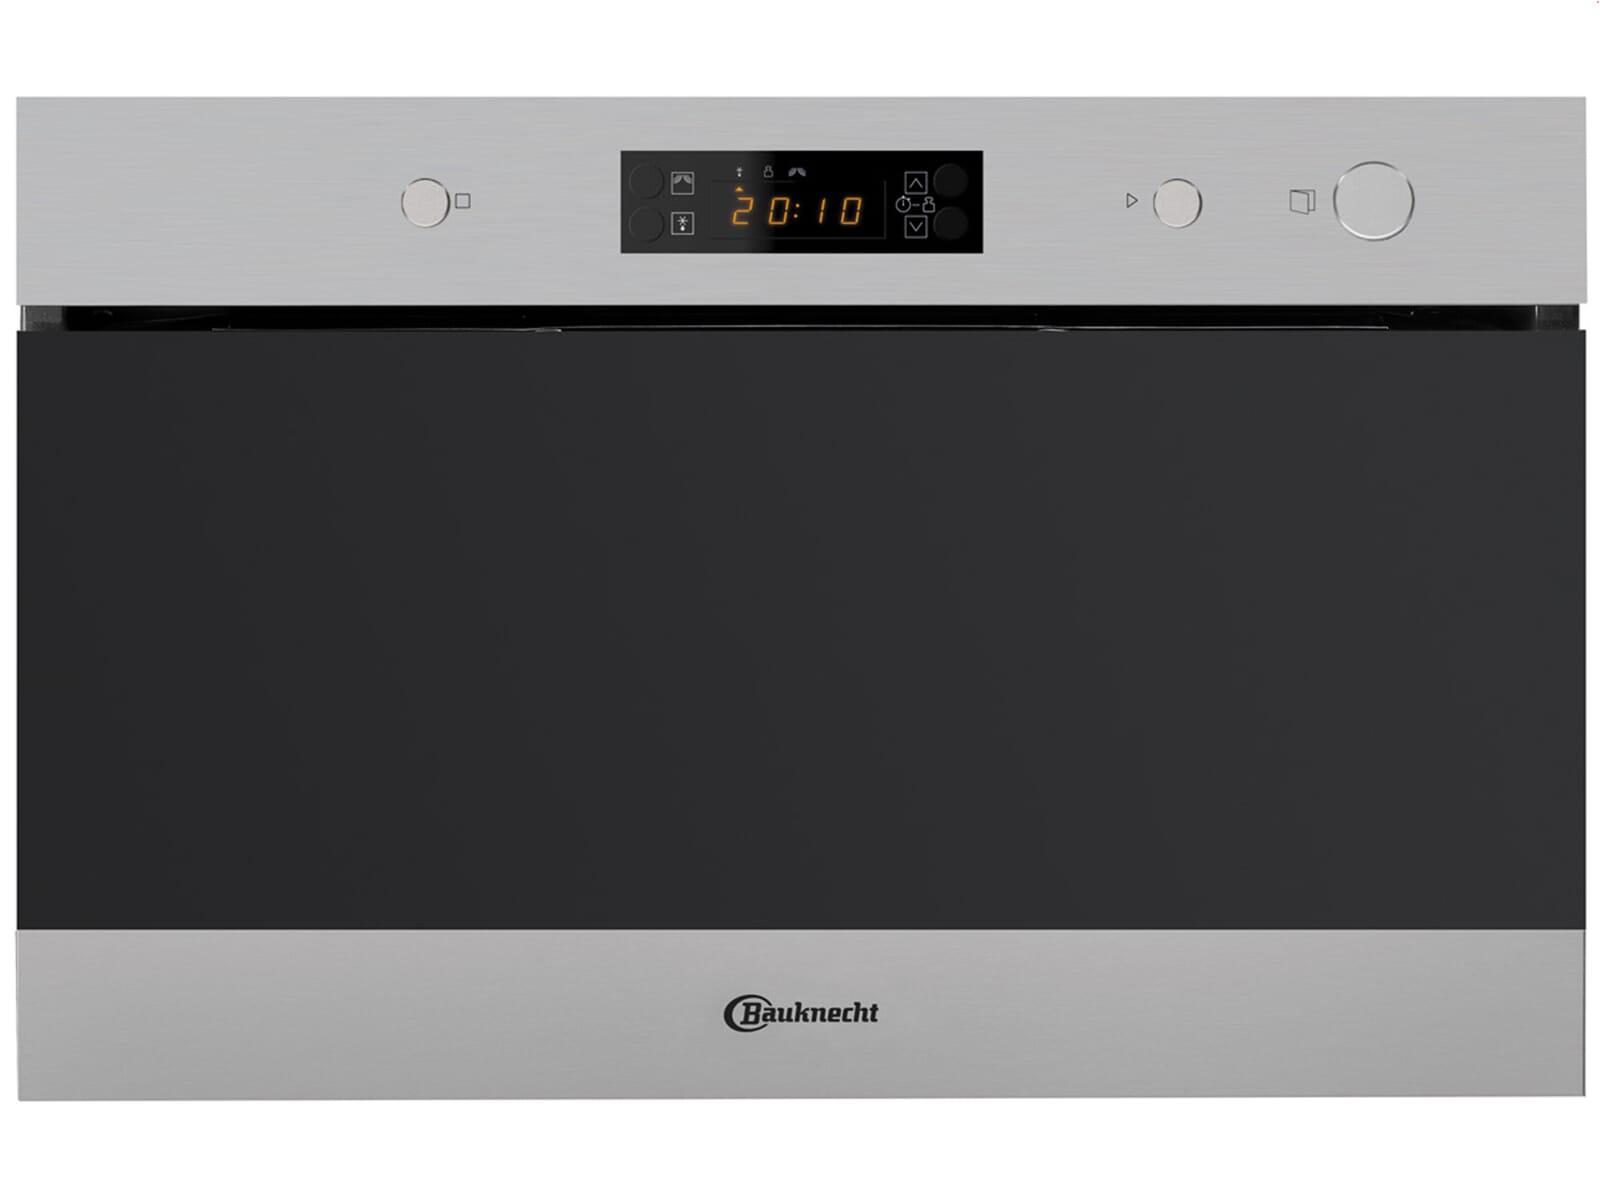 Produktabbildung Bauknecht EMNK3 2138 IN Einbau-Mikrowelle Edelstahl